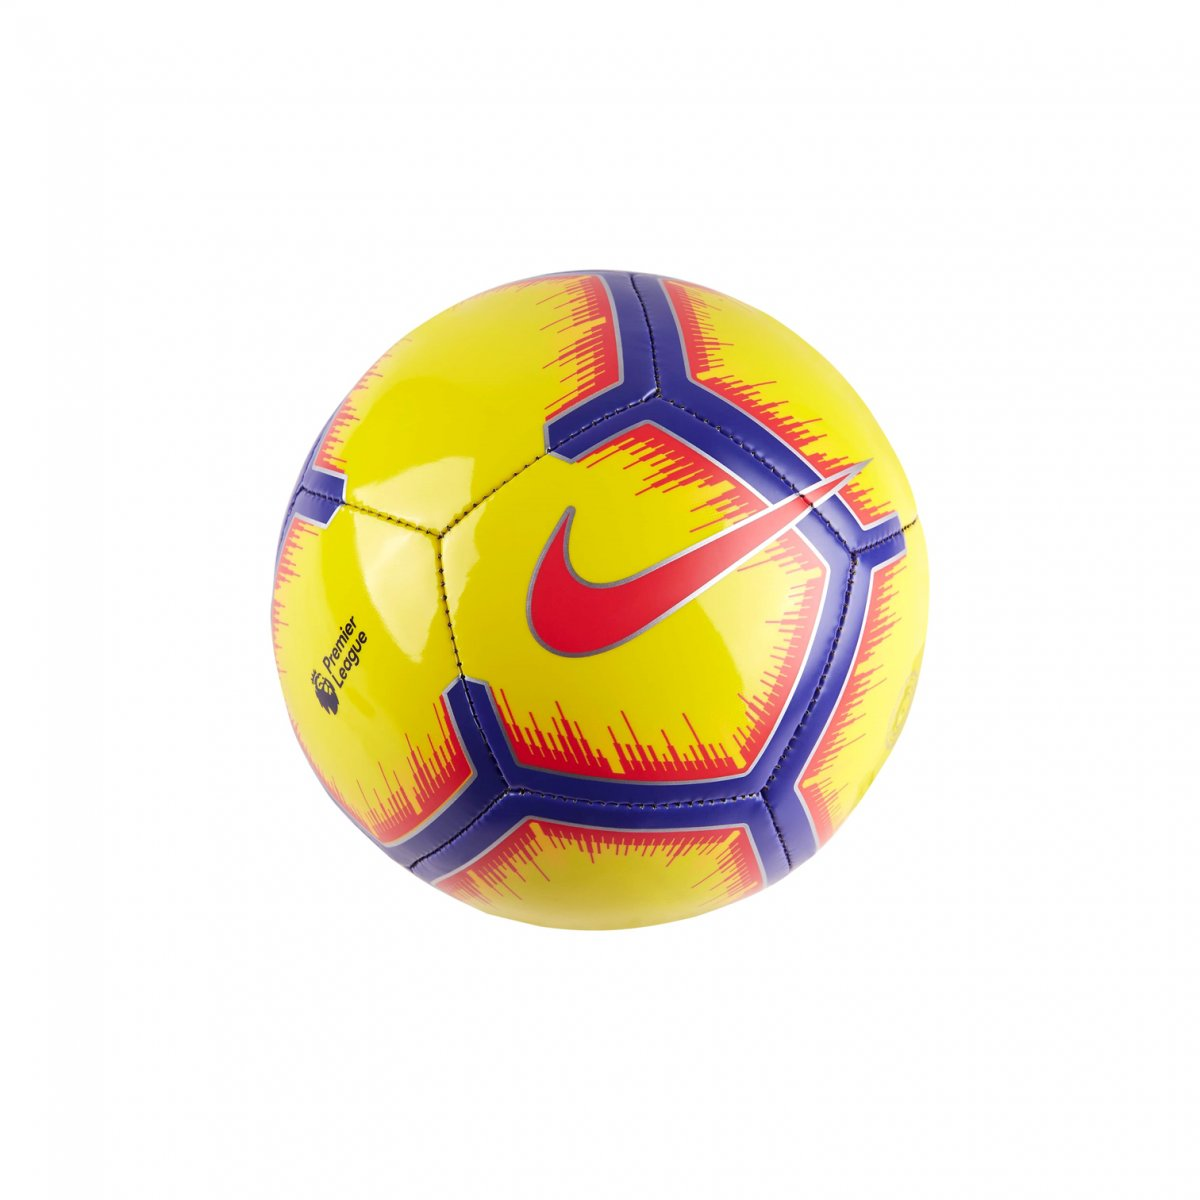 MiniBola de Futebol Nike Premier League Skills SC3325-710 - Amarelo ... 1ff1b46cfb9b2